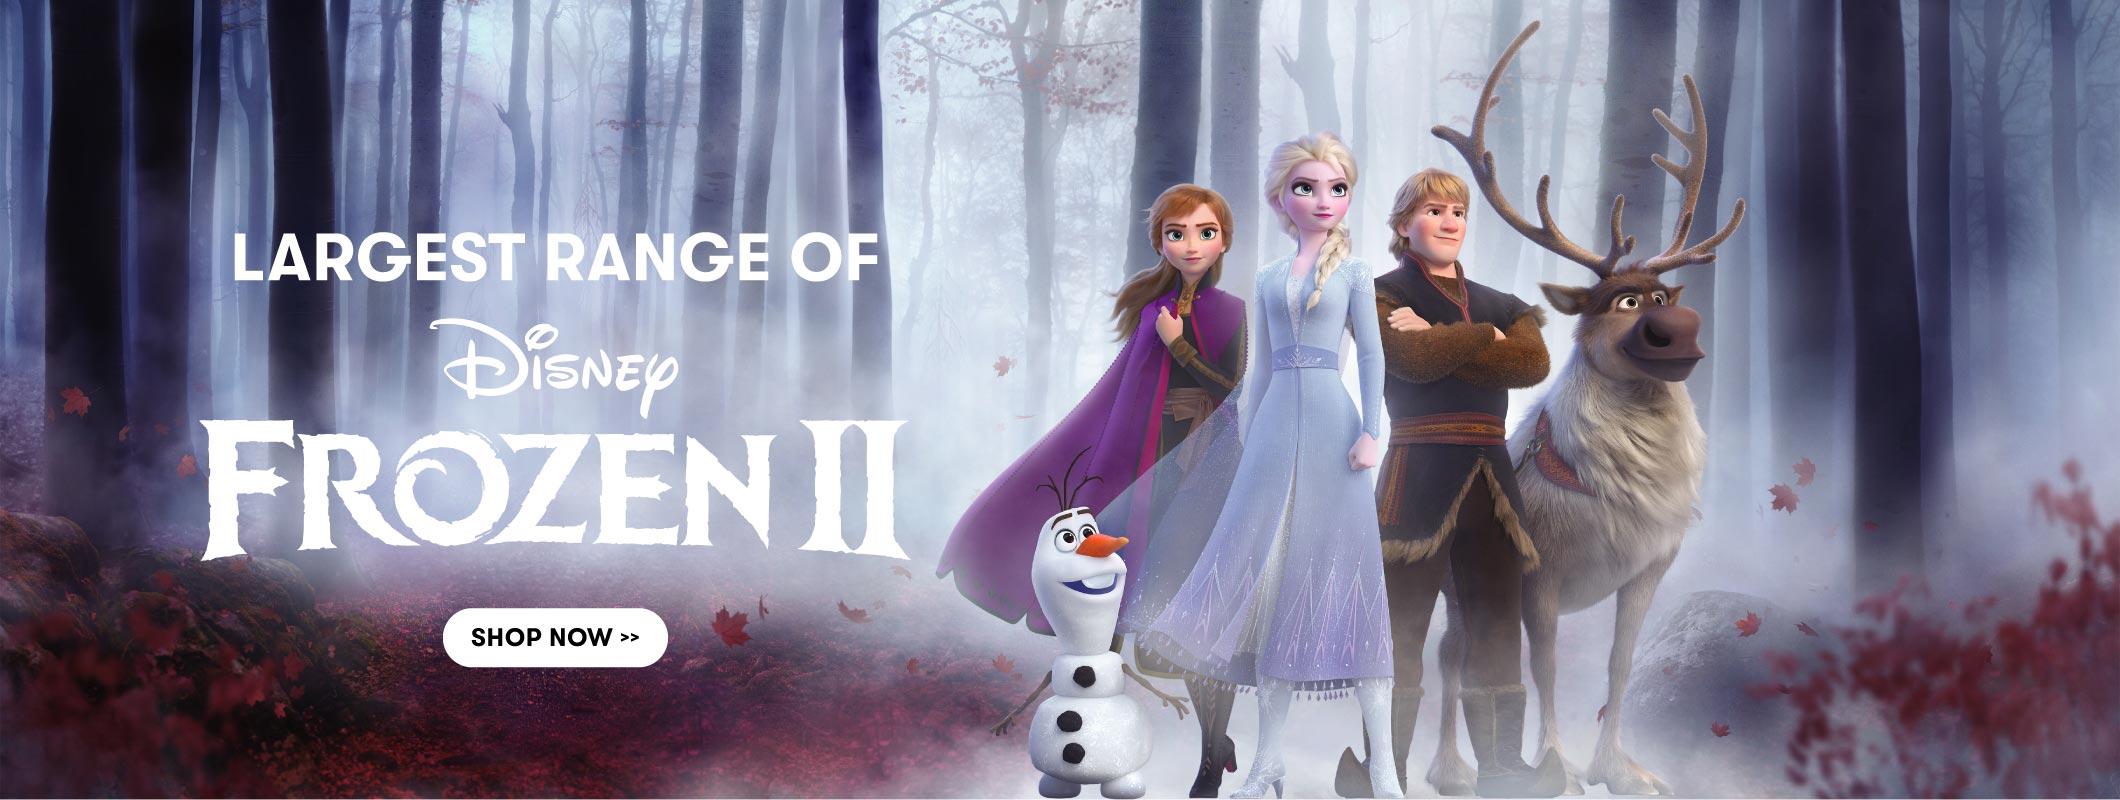 Huge range of Frozen